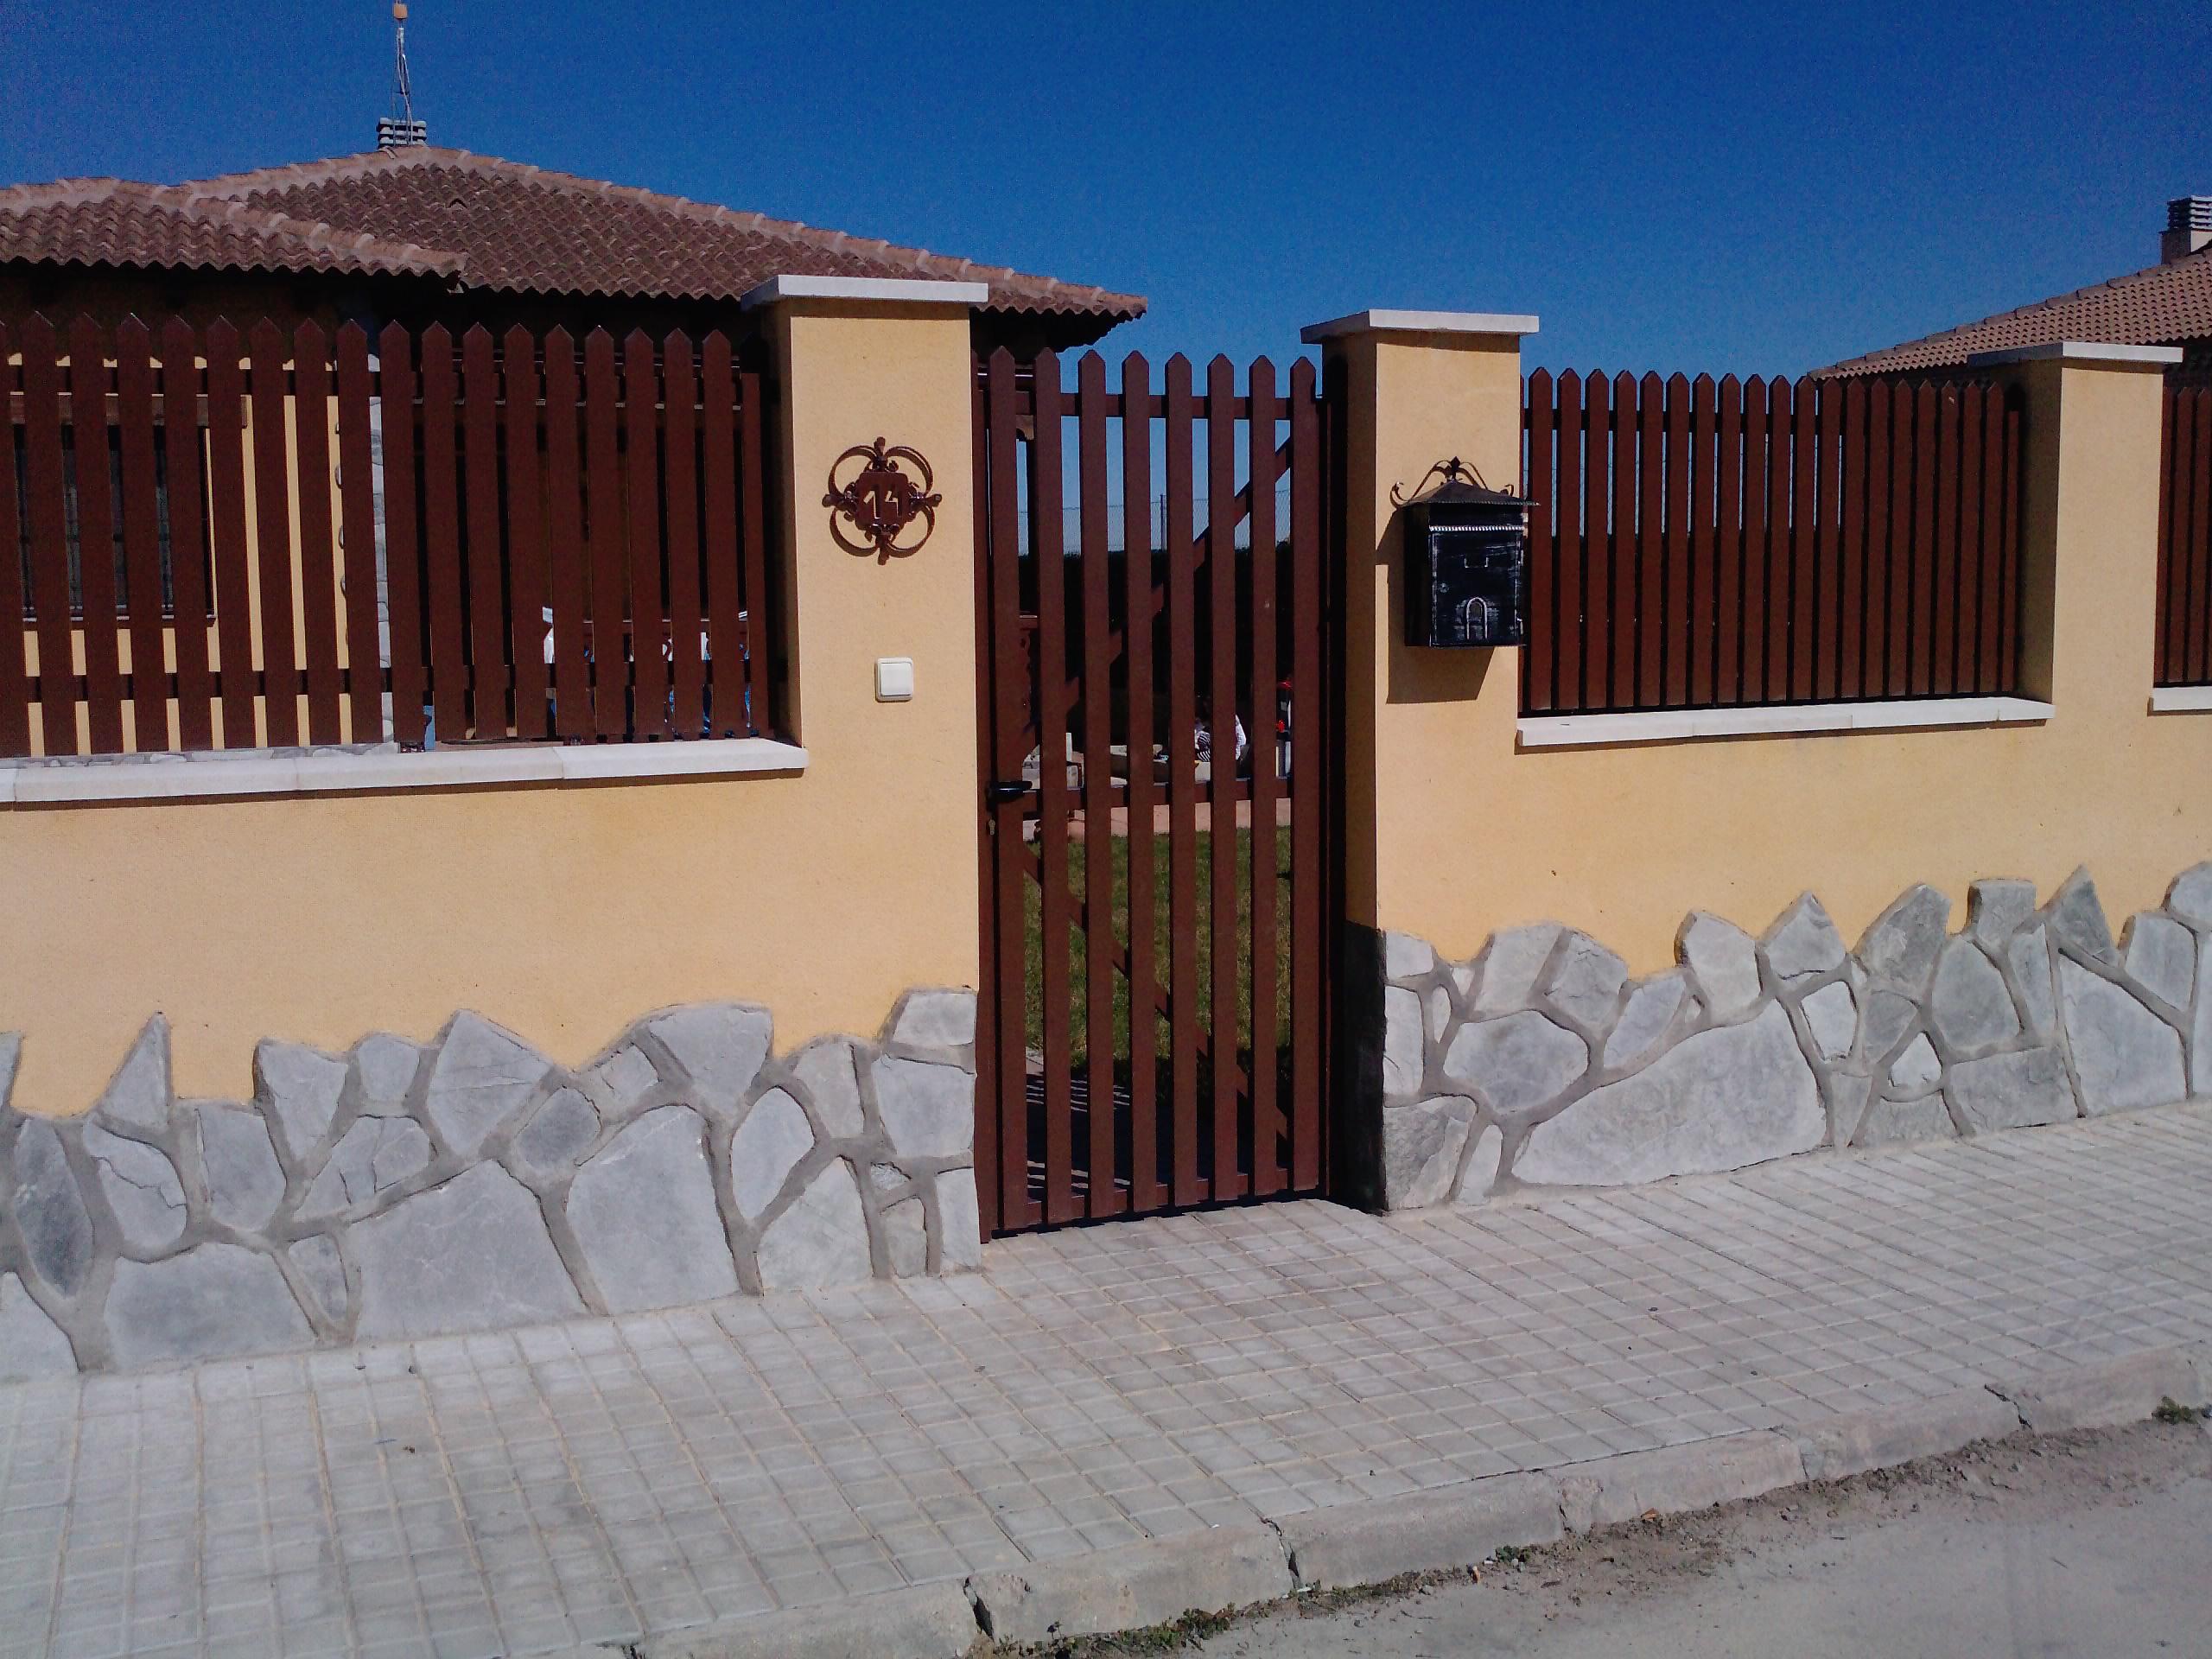 Puertas Residenciales Paseo del Arrabal